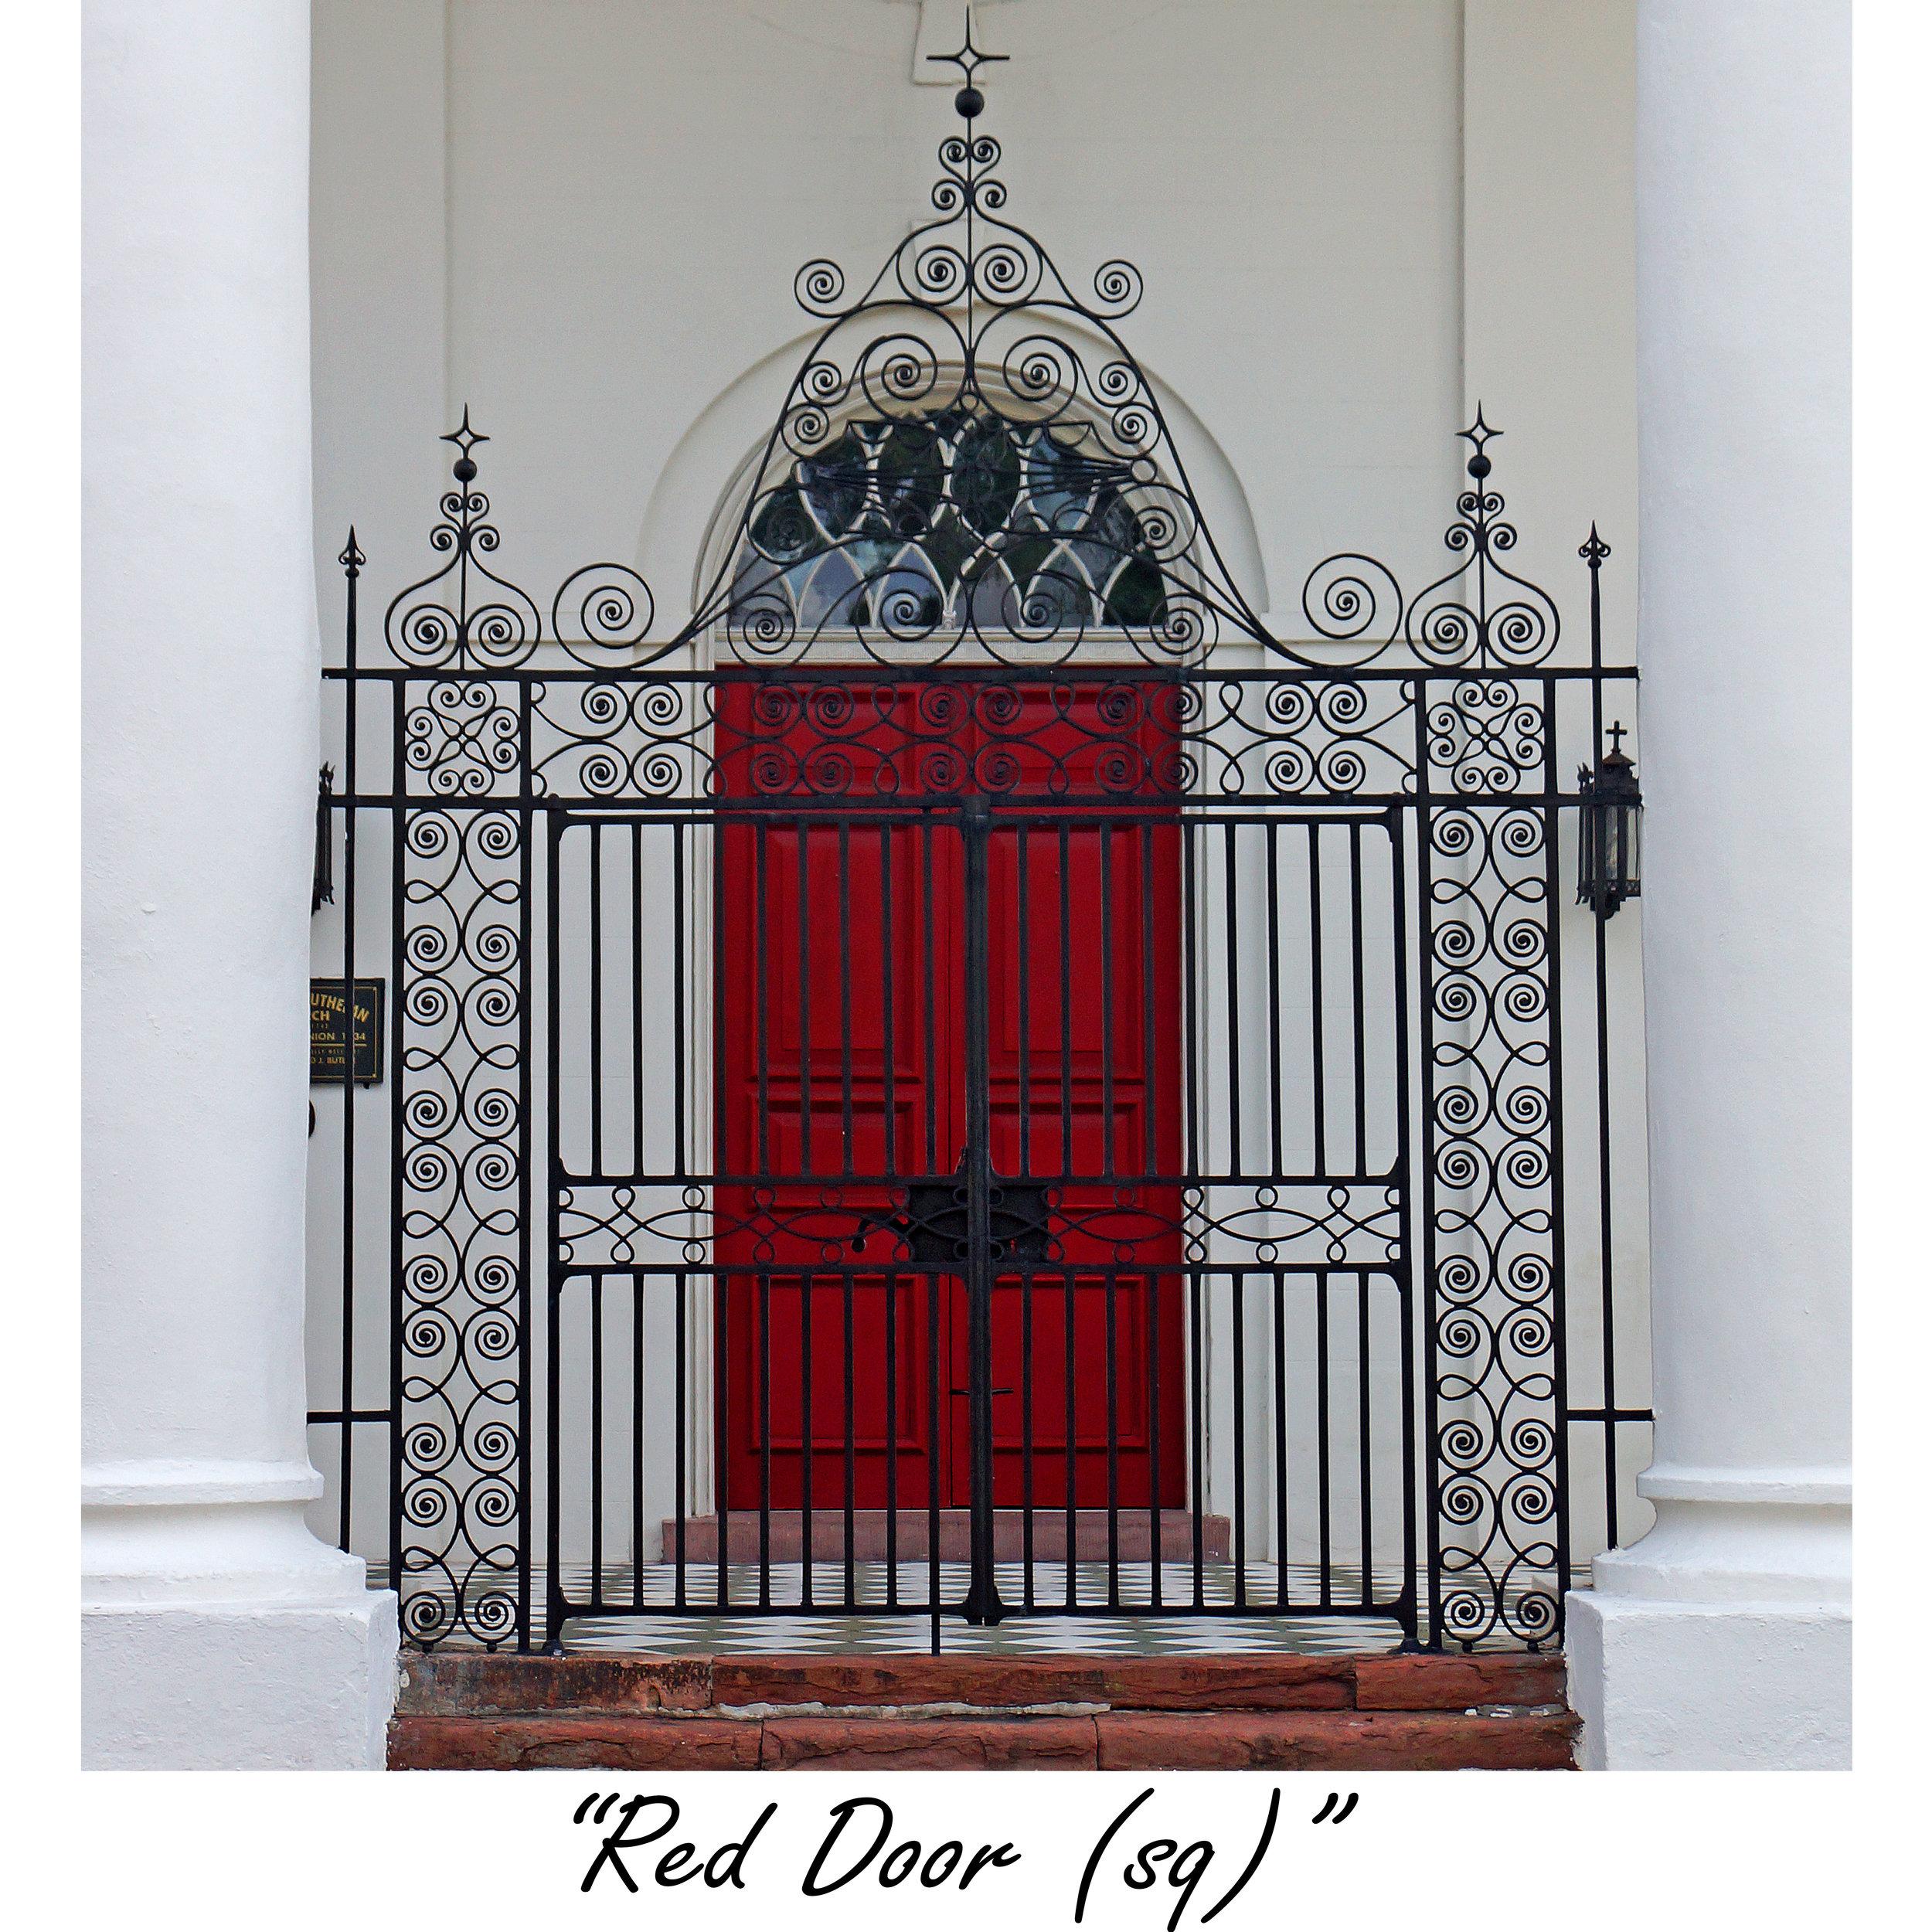 Red Door (sq).jpg